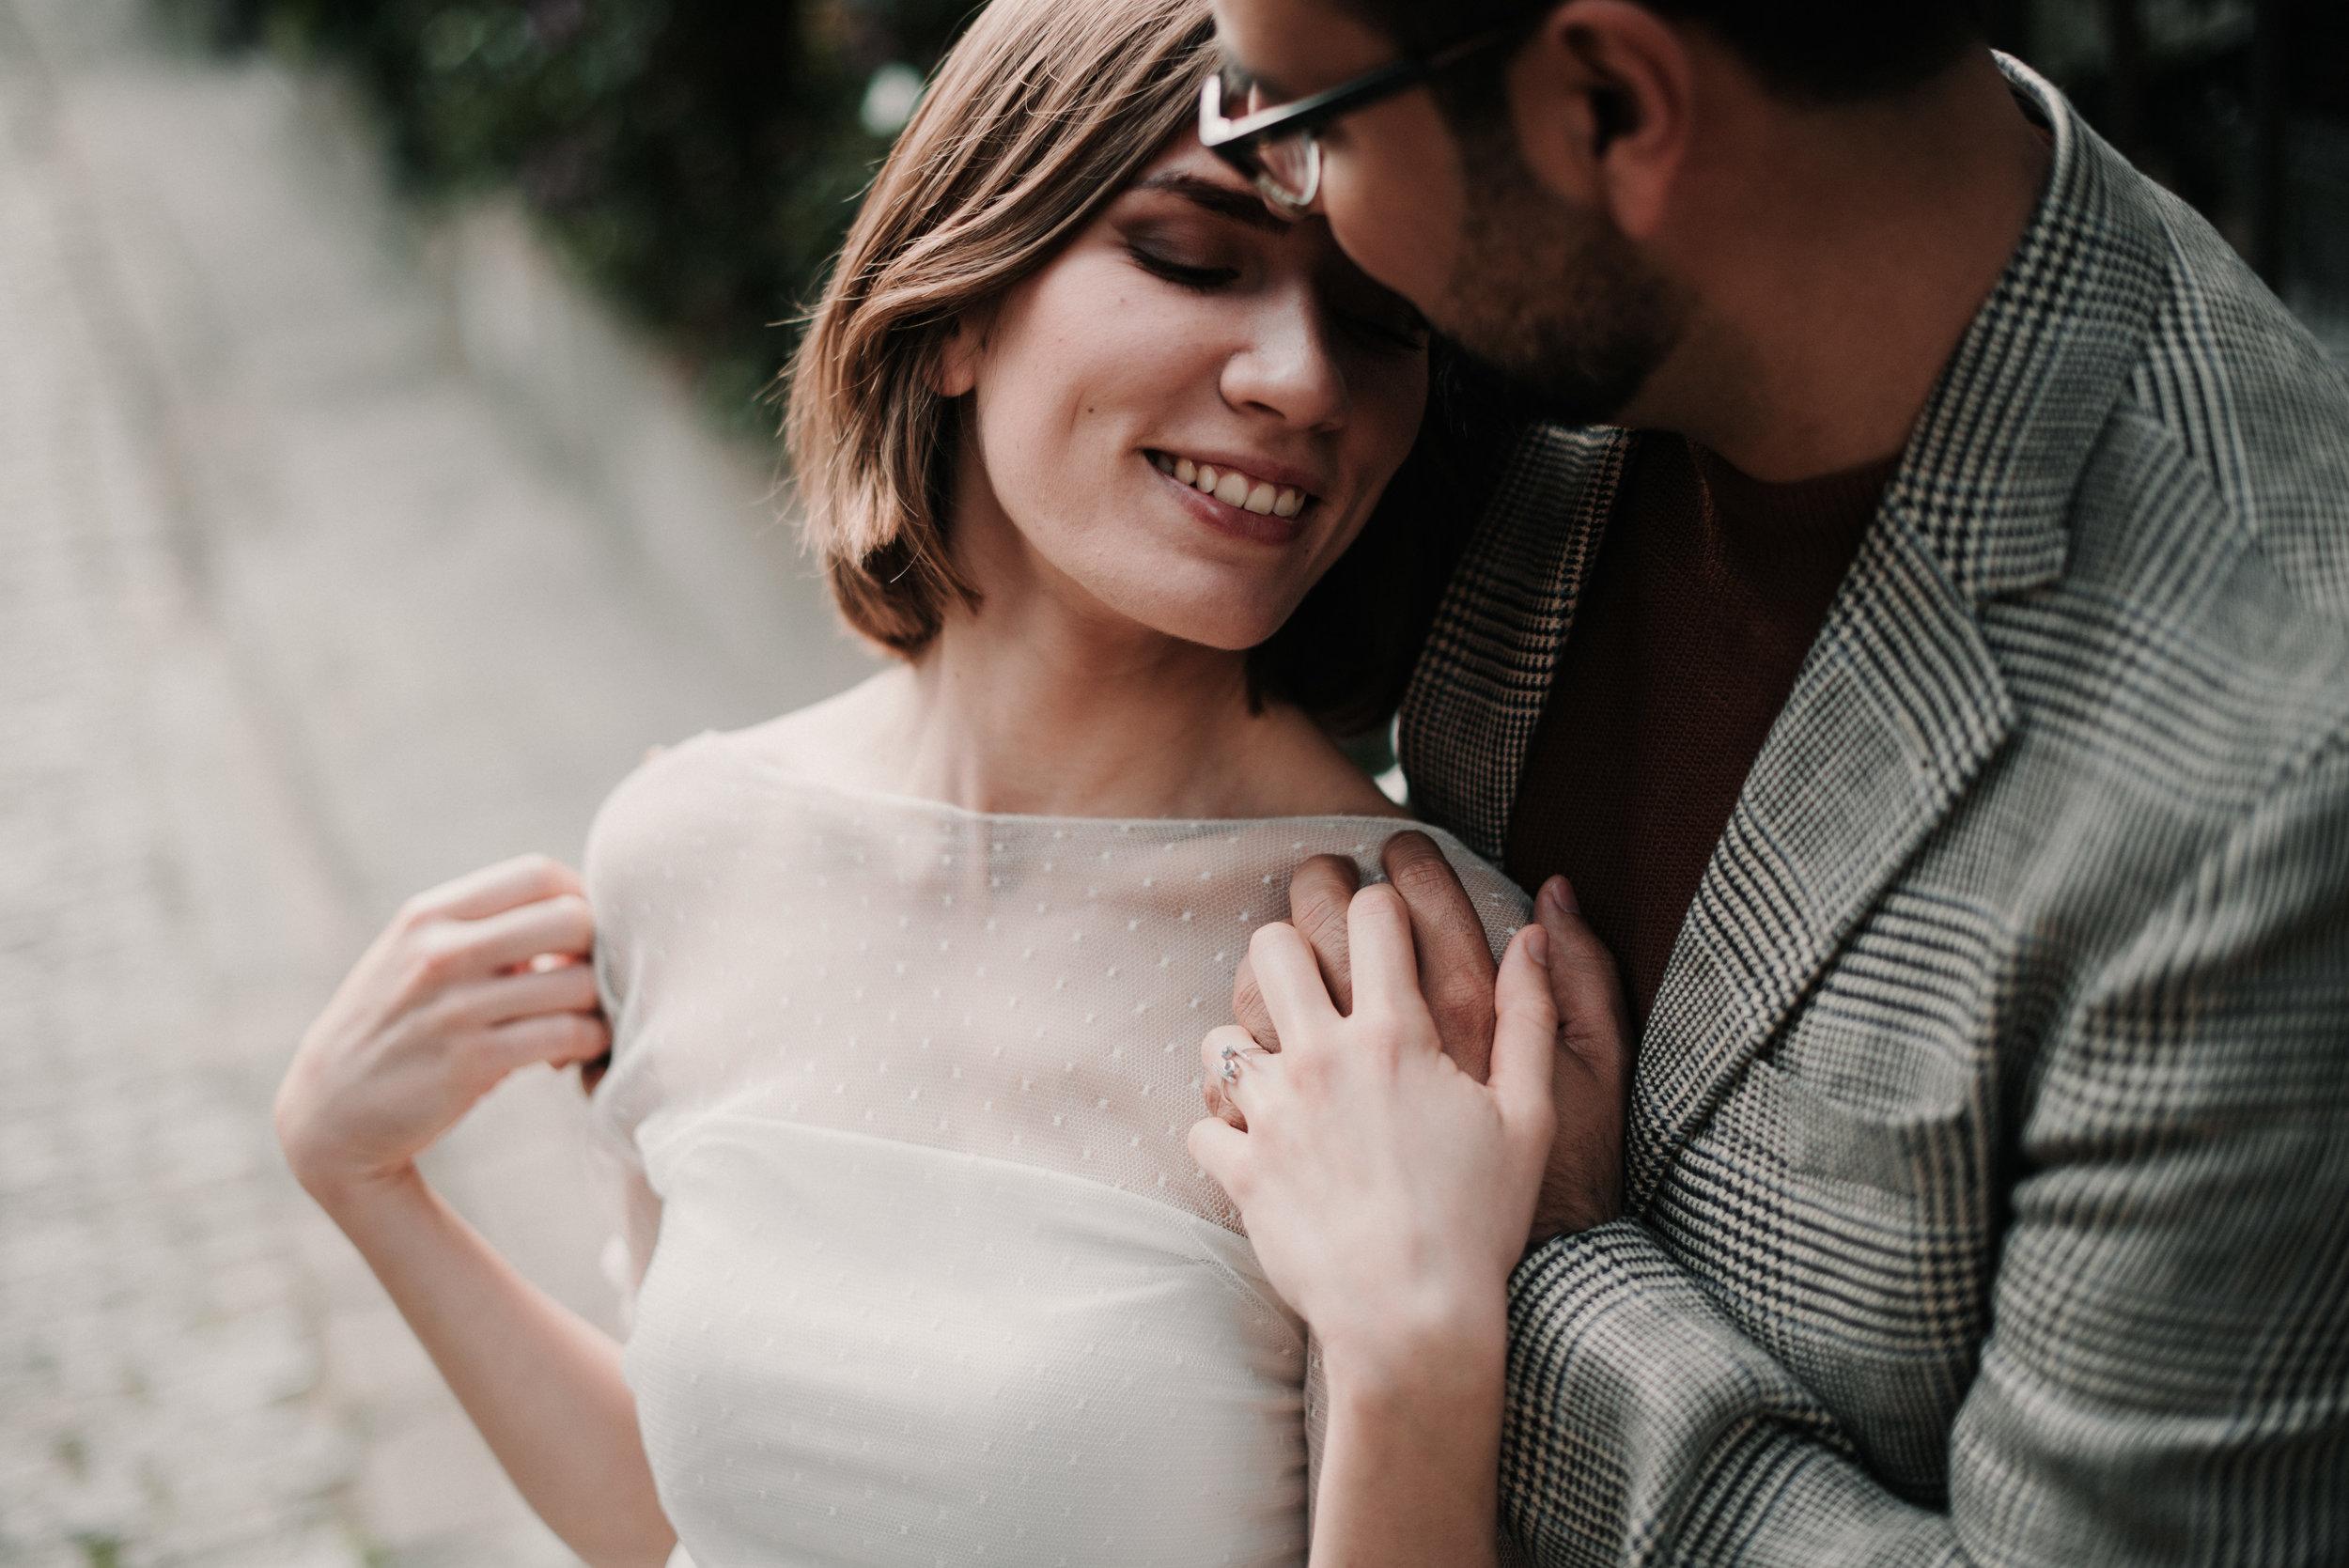 Léa-Fery-photographe-professionnel-lyon-rhone-alpes-portrait-creation-mariage-evenement-evenementiel-famille-4081.jpg